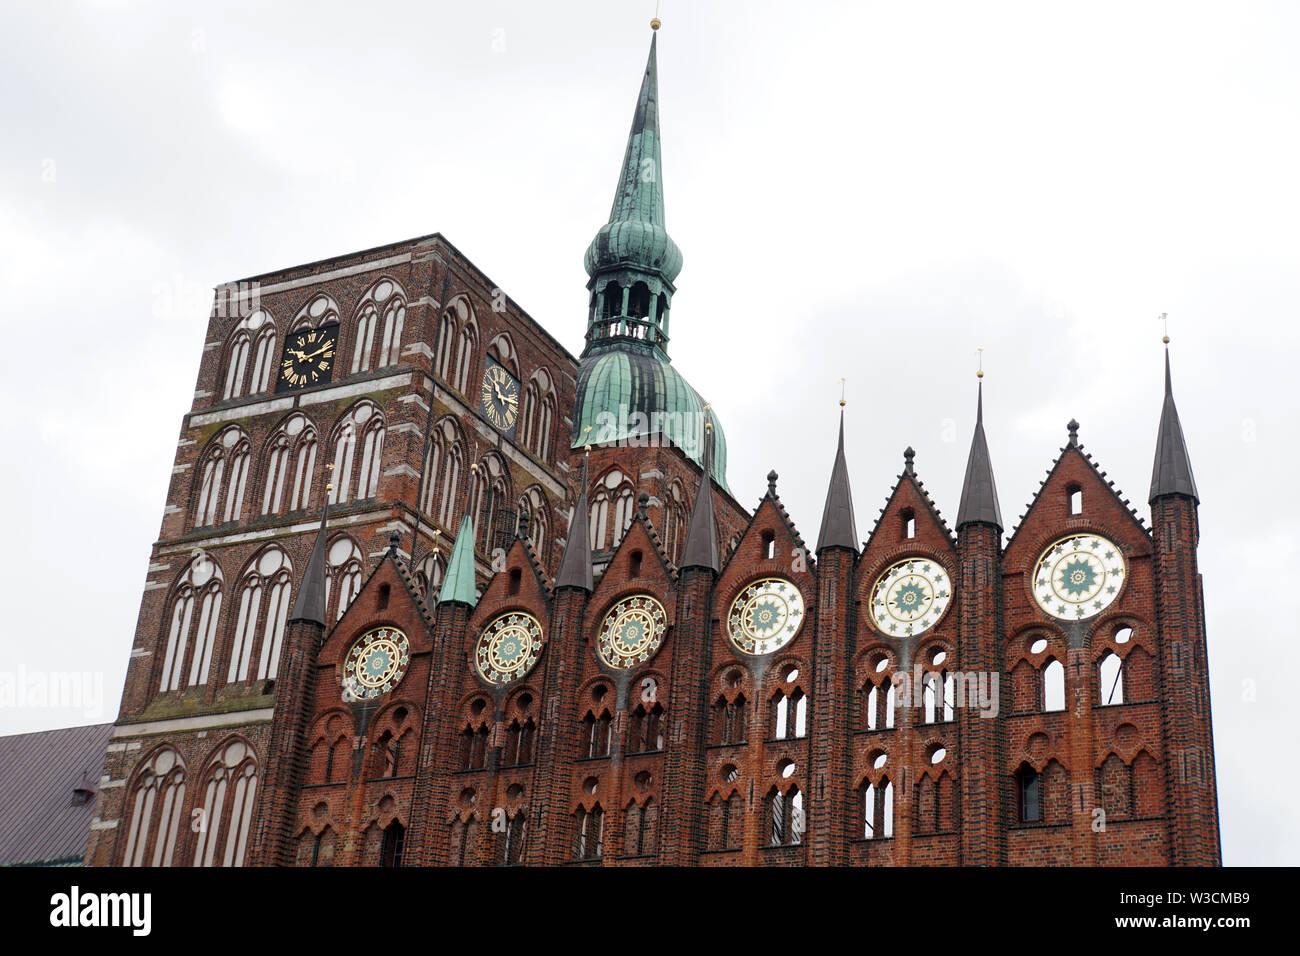 gotische St. Nikolai Kirche, Nikolaikirche und Fassade des historischen Rathauses am Alter Markt, Hansestadt Stralsund, Mecklenburg-Vorpommern, Deutsc - Stock Image